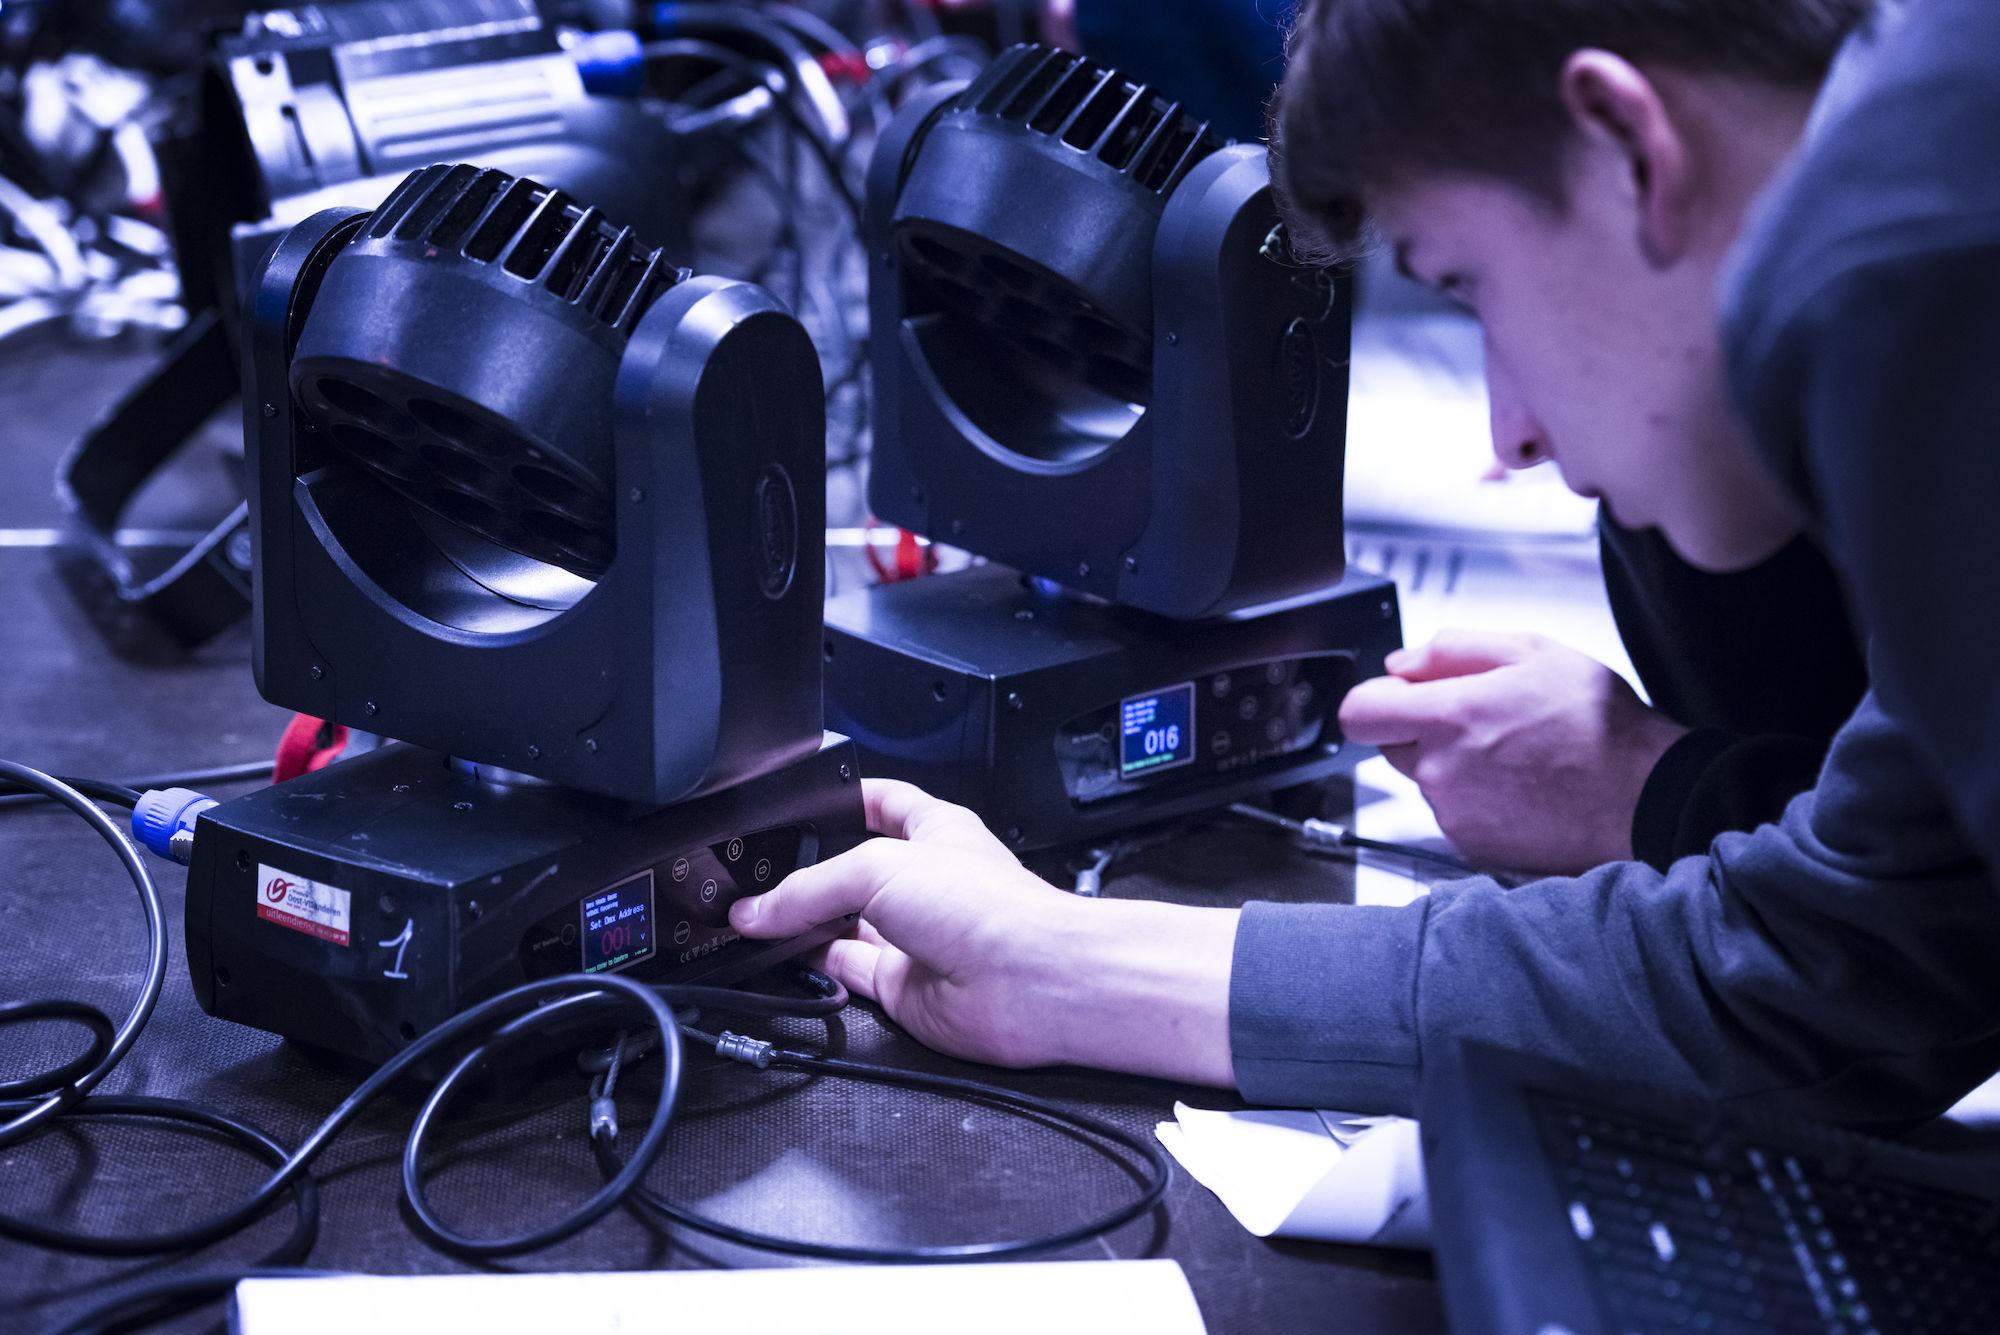 180208-uitleendienst-workshop-dmx-00082.jpg